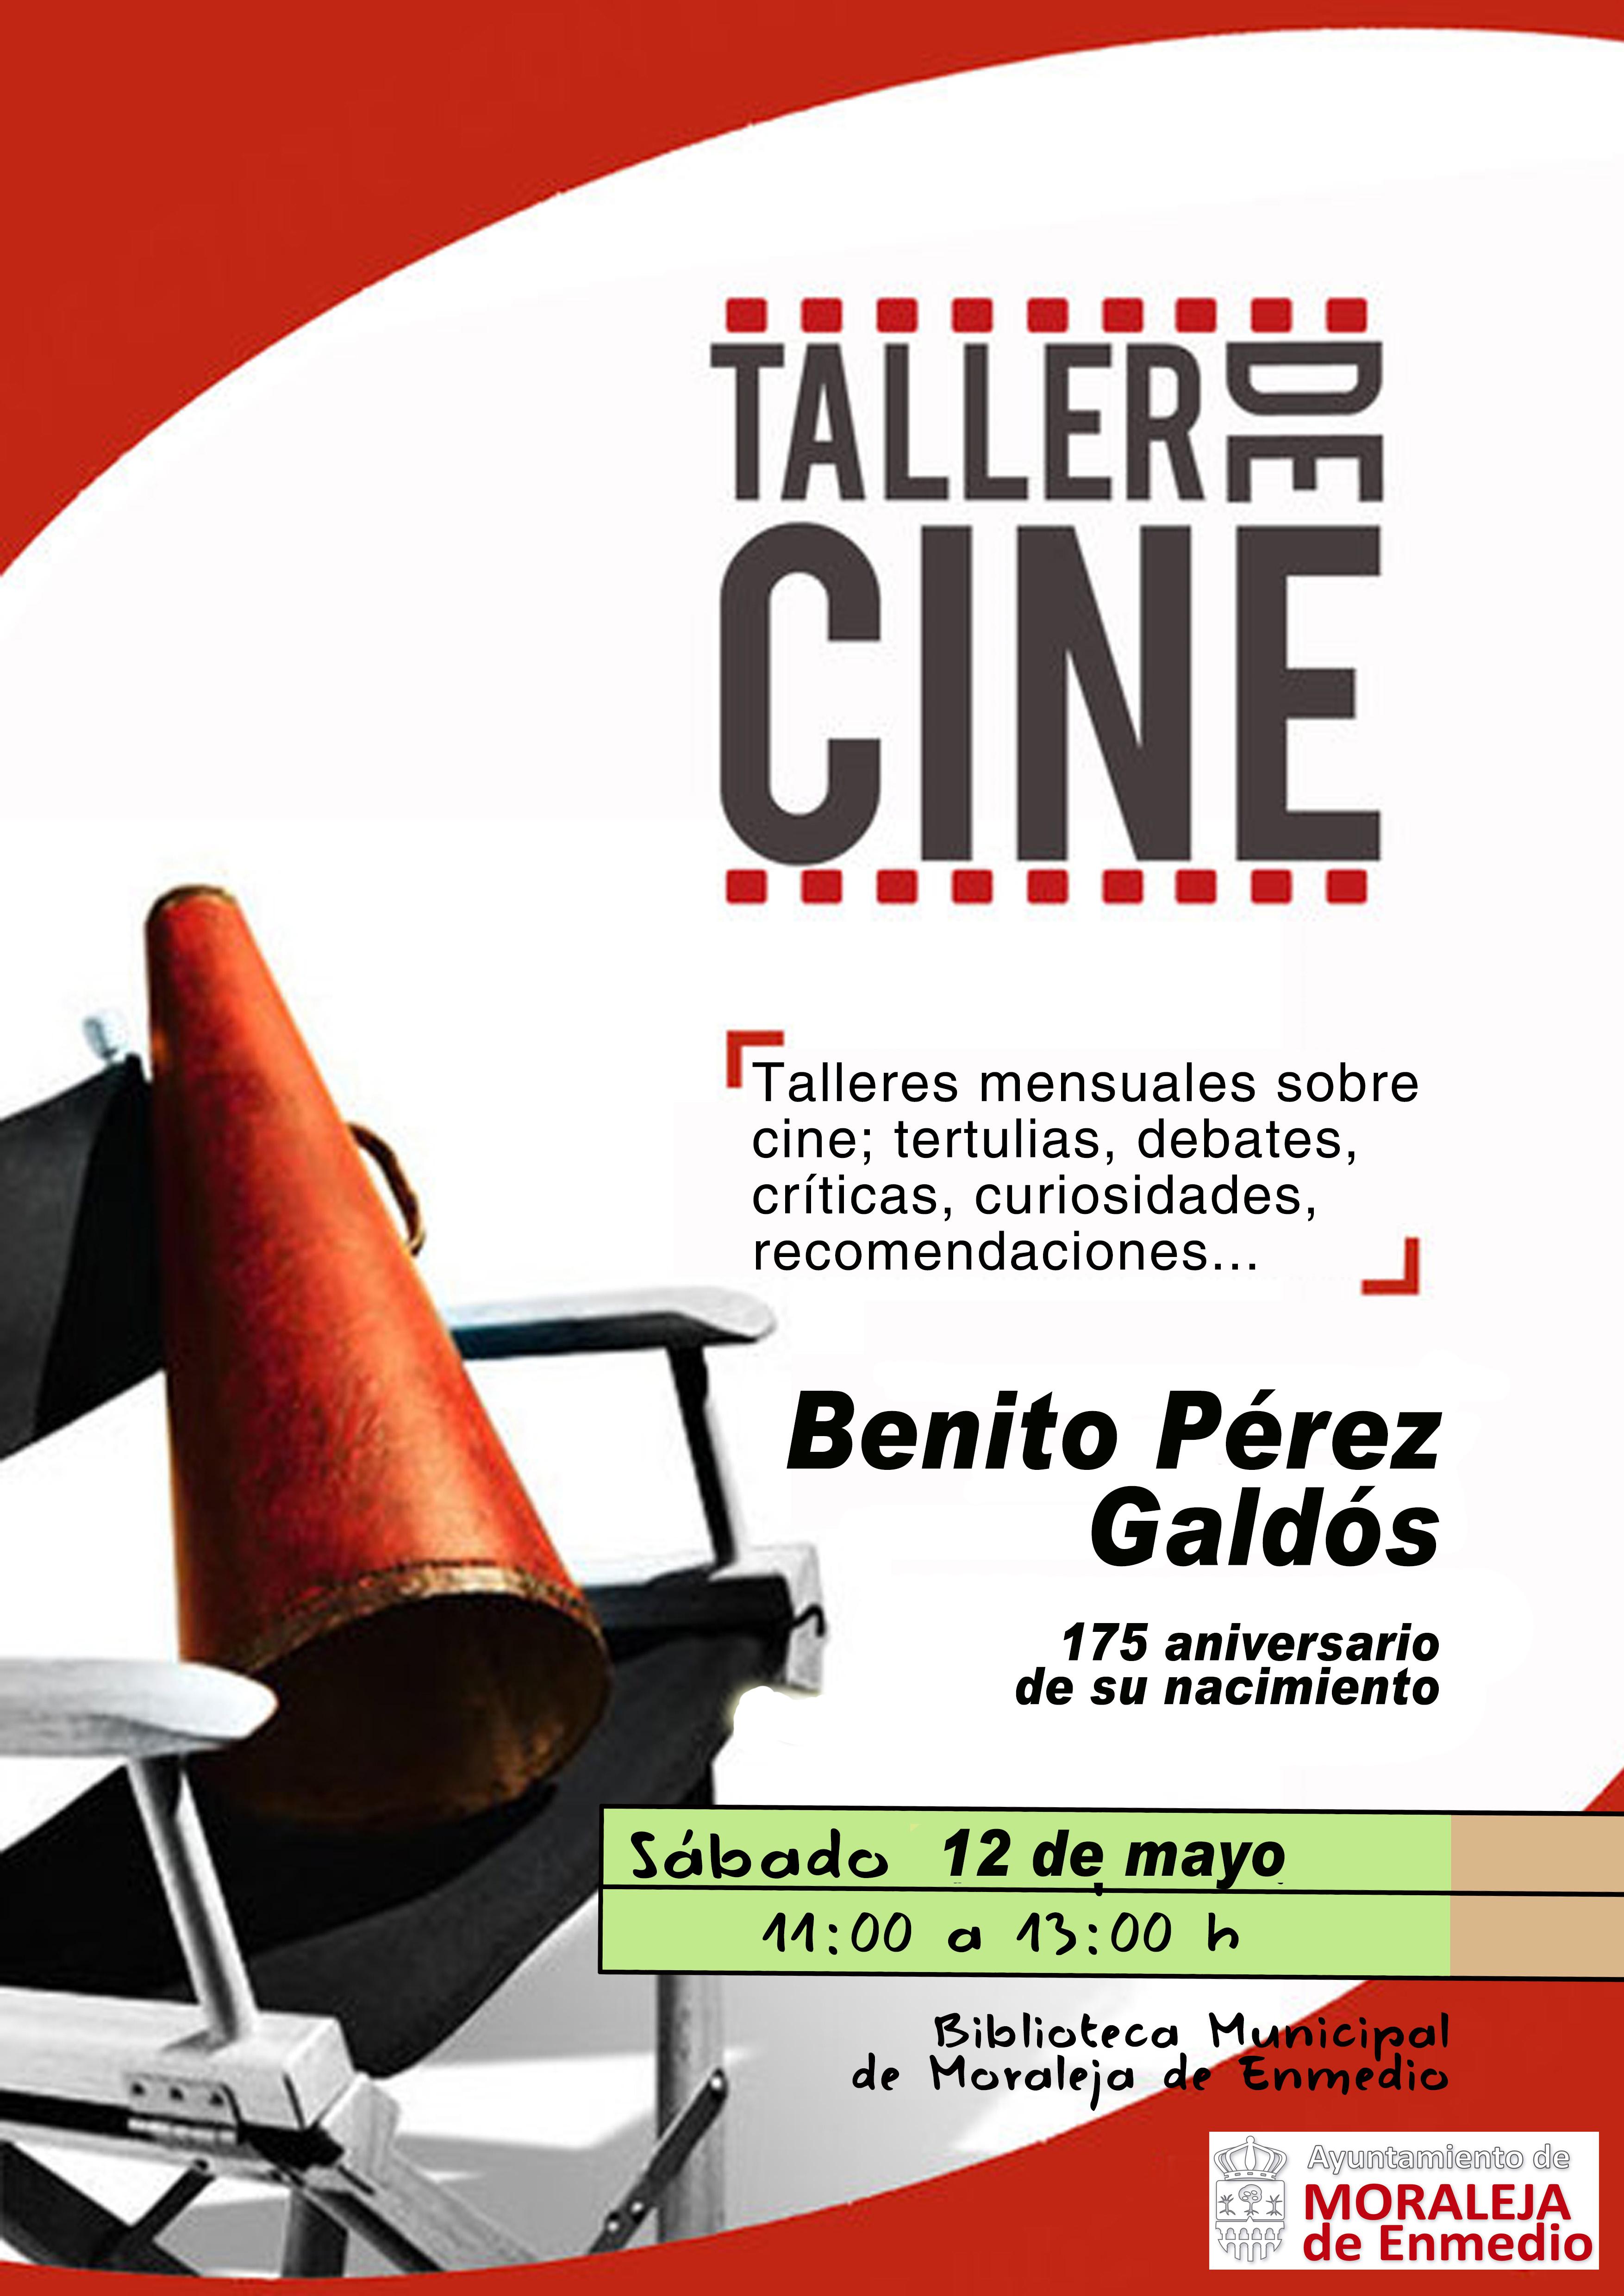 TALLER DE CINE - Benito Pérez Galdós